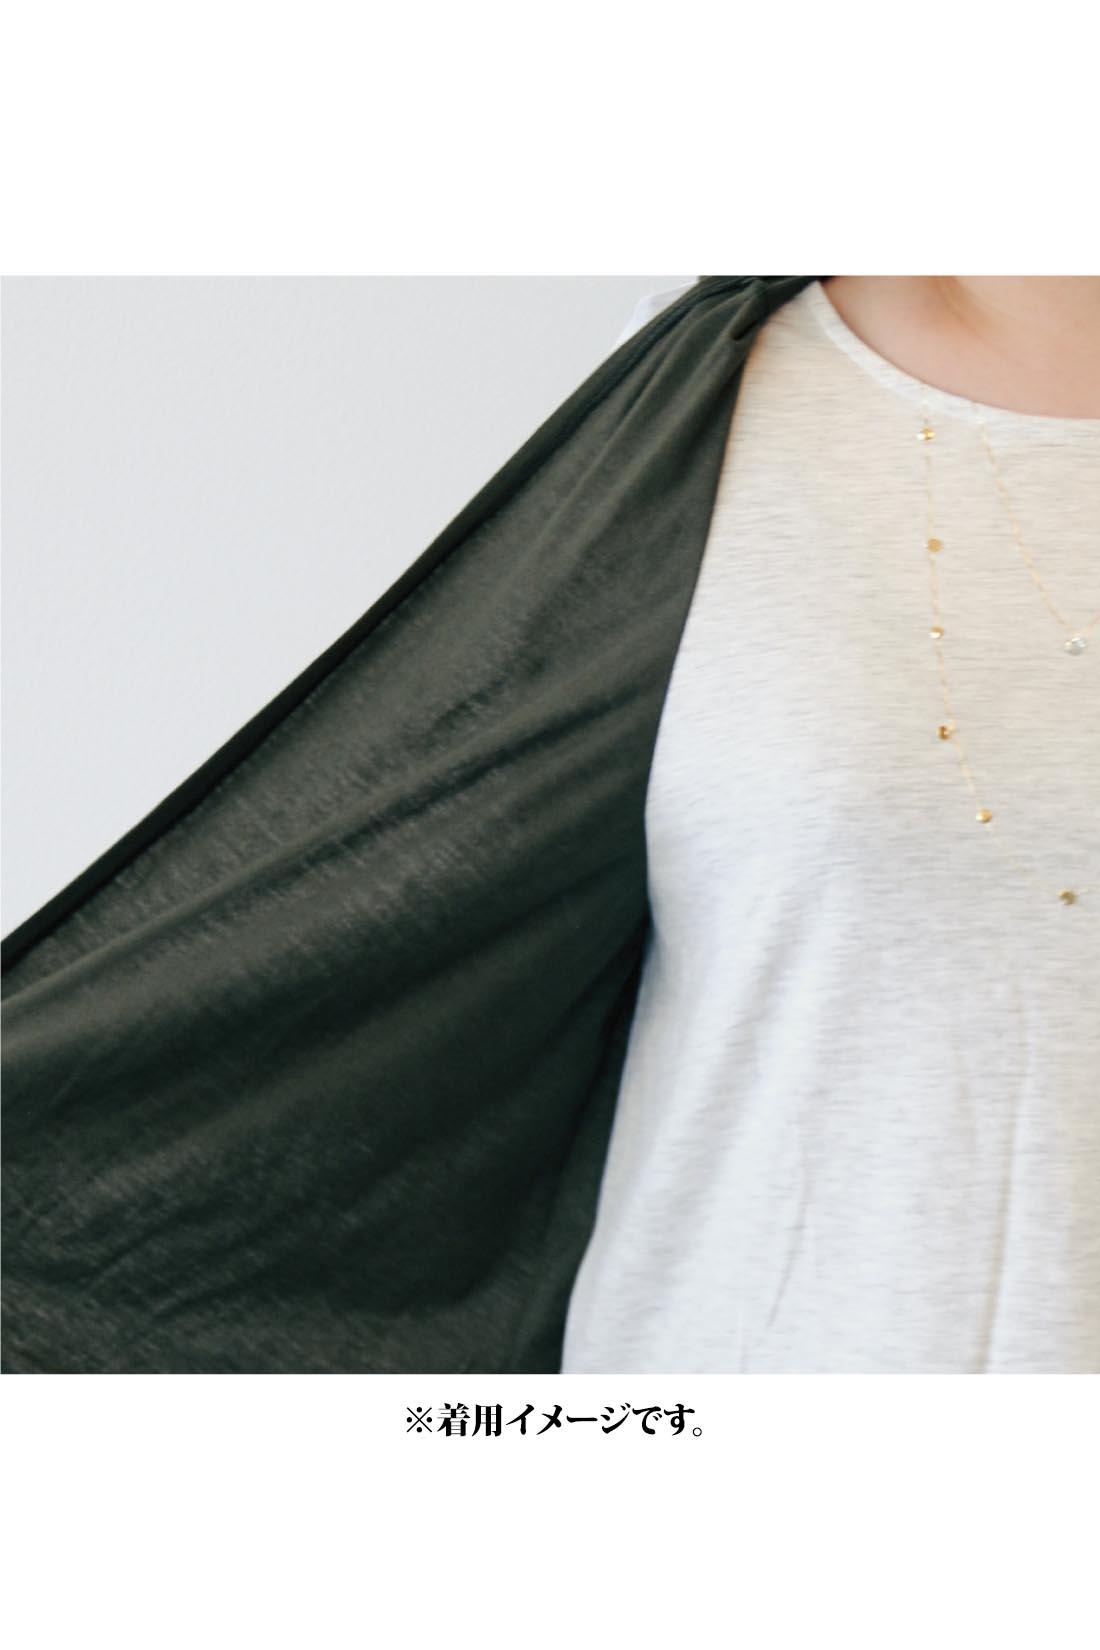 サイドでジレとTシャツがドッキングしているのに、自然な重なりで本当に重ね着しているような印象。 ※お届けするカラーとは異なります。